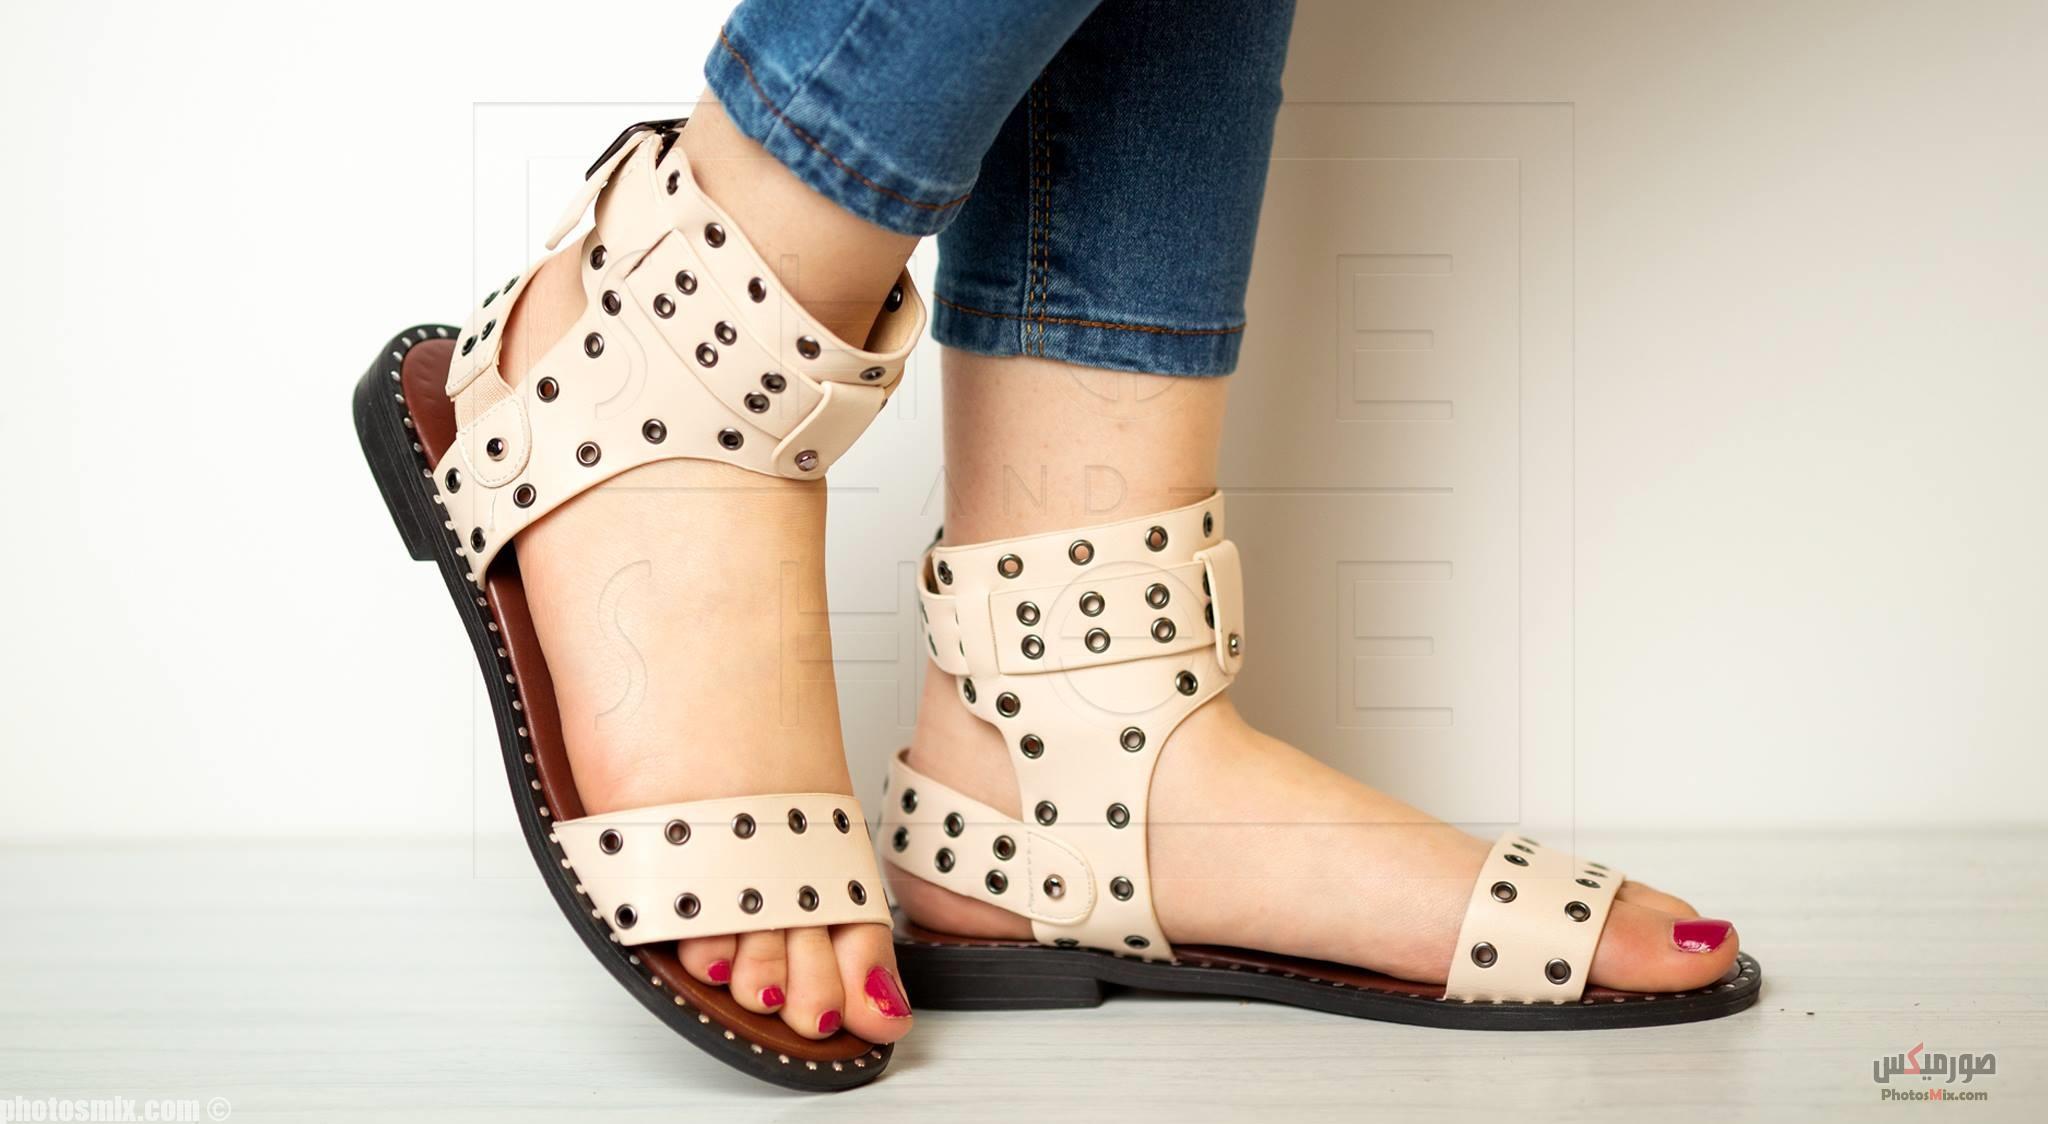 أحذية حريمي 105 - صور أحذية حريمي صيف 2019, صور أحذية بنات جديدة, صور أحذية حريمي فلات